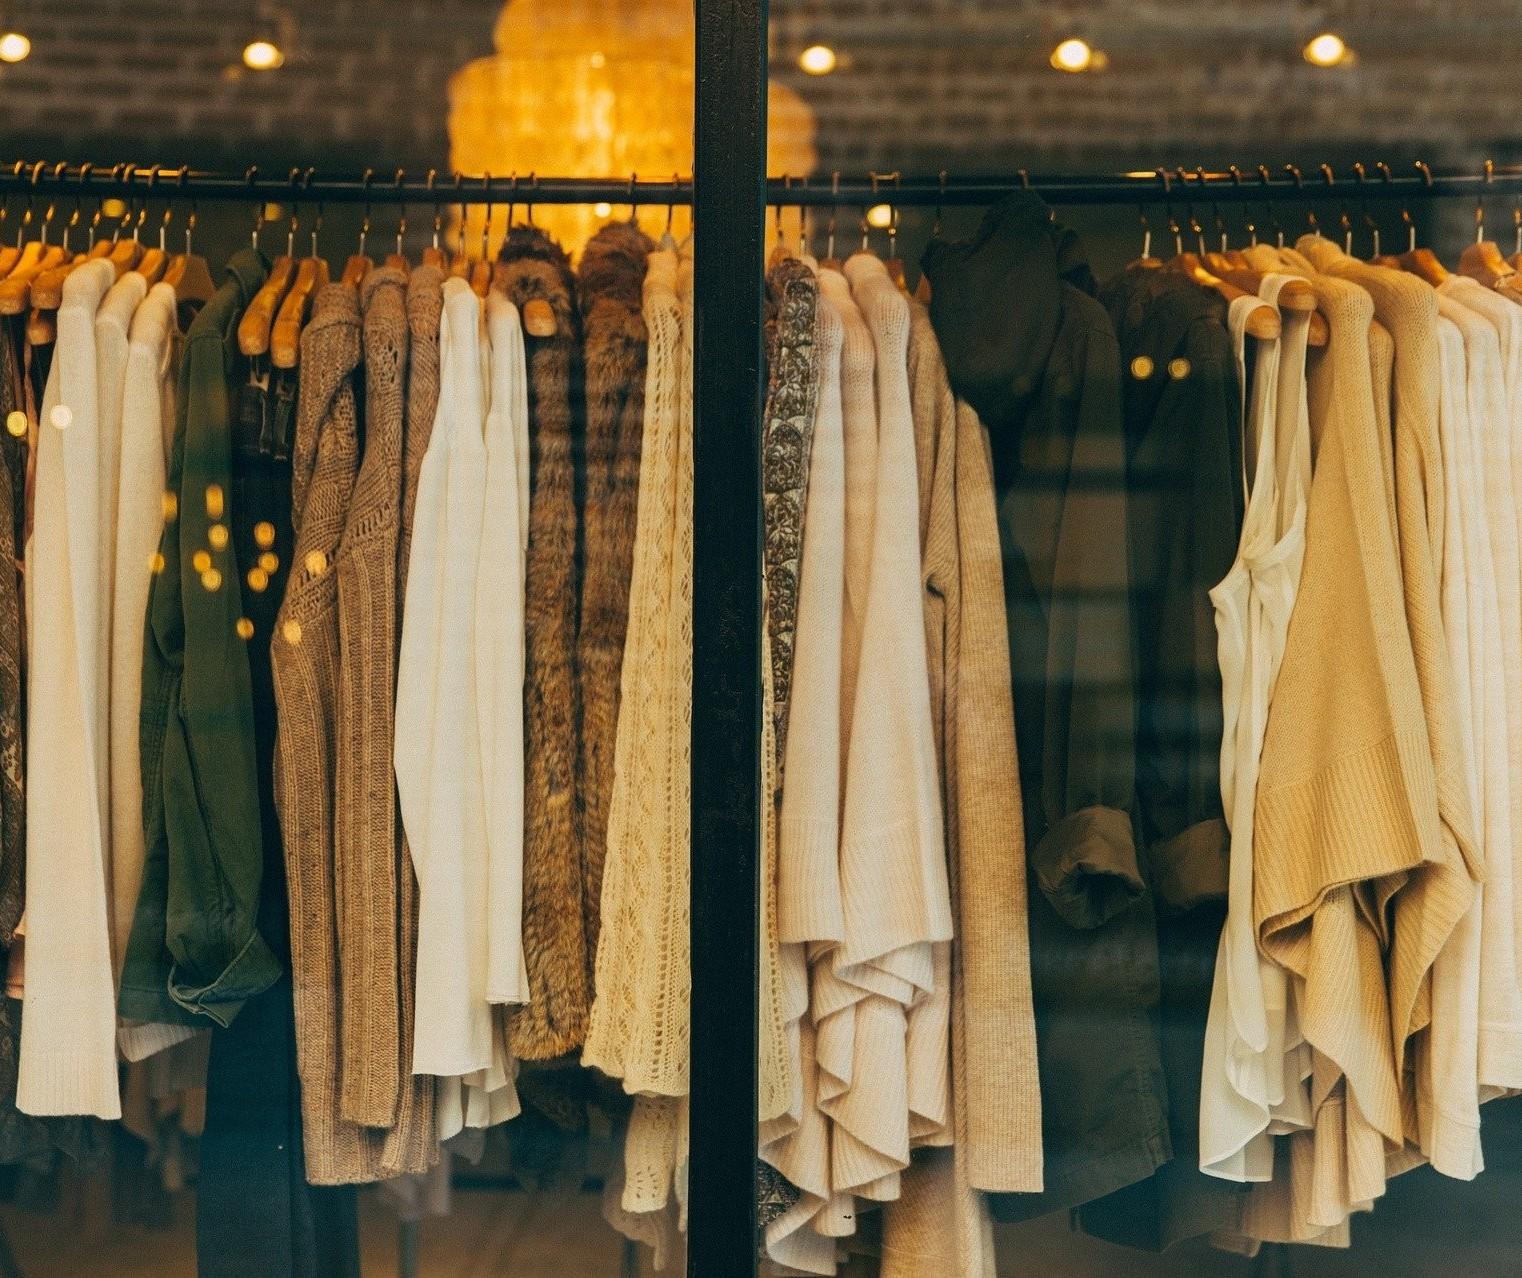 Várias empresas têm fornecido roupas recicladas, mas o preço não é tão interessante